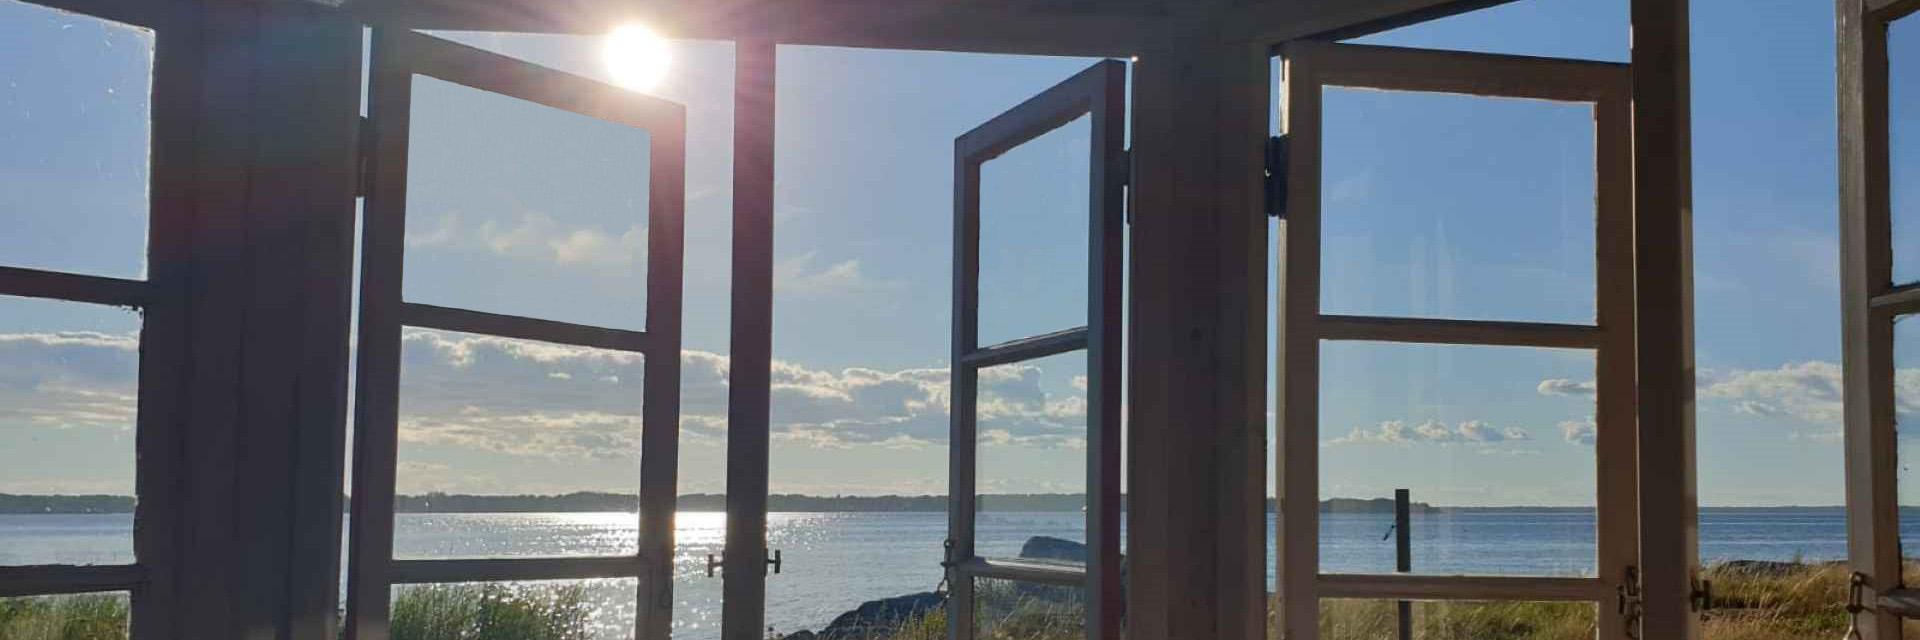 Vision med Passion för säljcoaching ledarskapscoaching illustrerad av sol himmel hav och öppna fönster